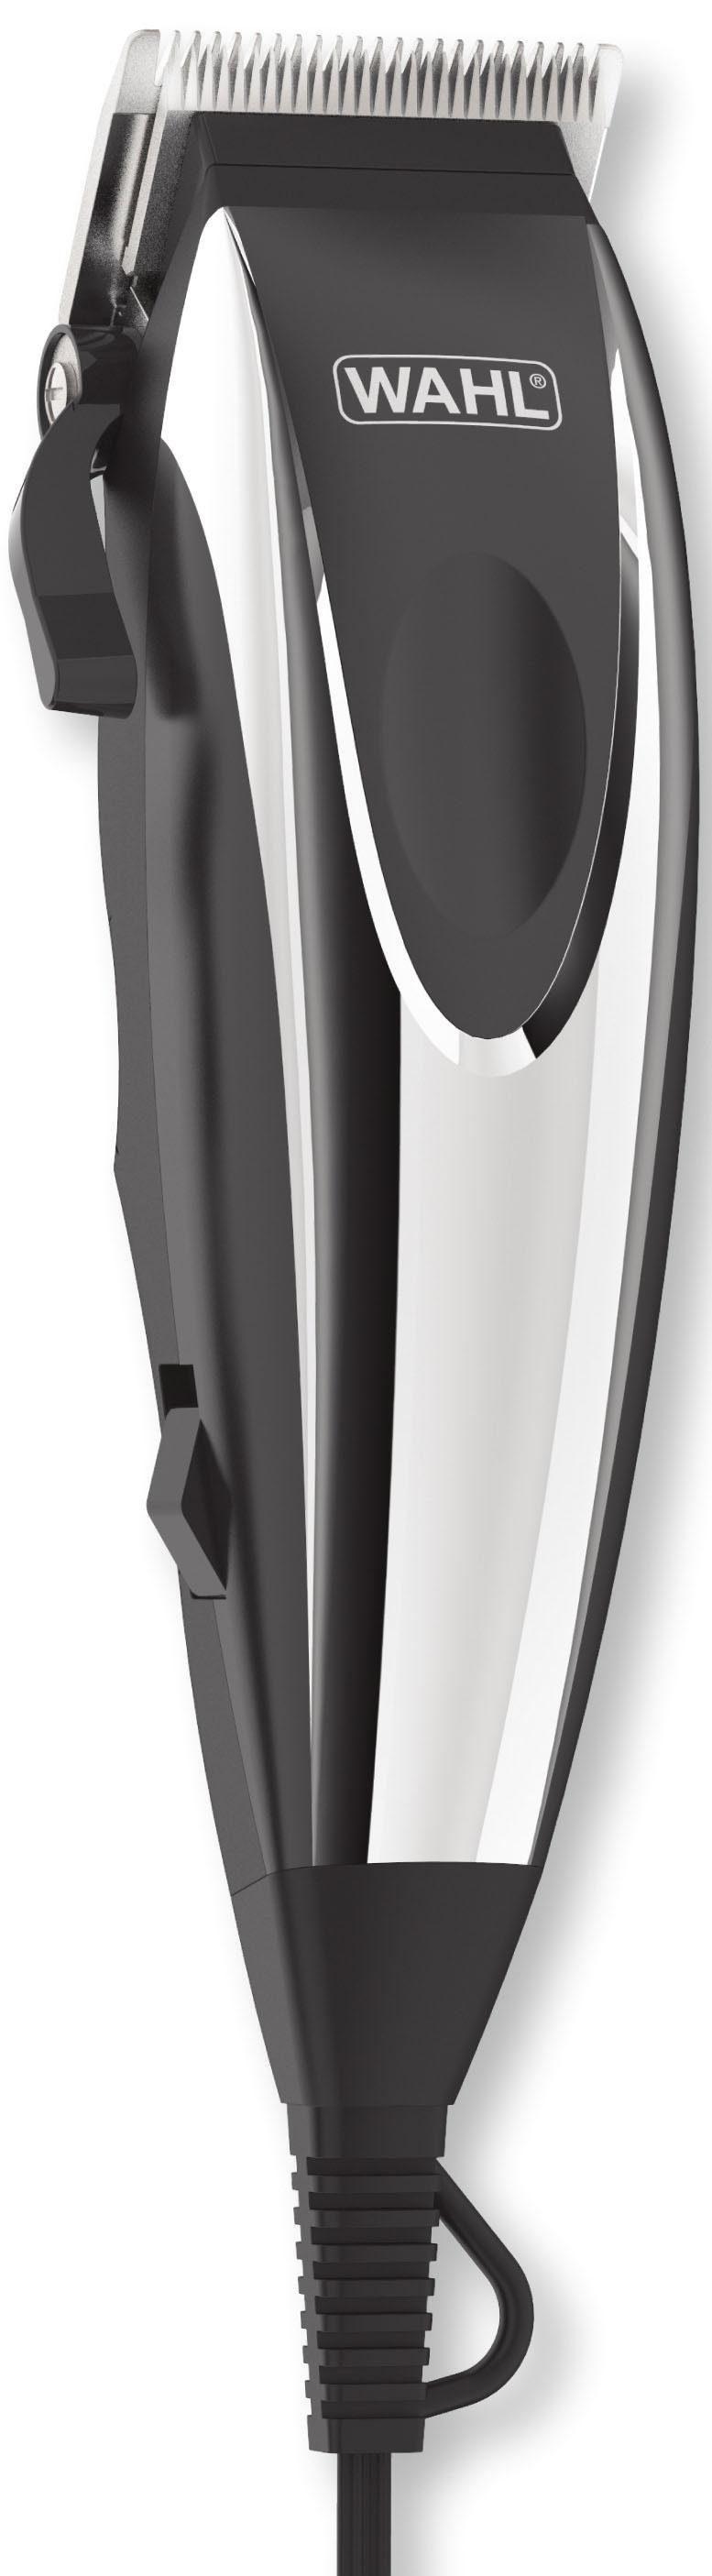 Wahl Haar- und Bartschneider 09243-2616 Home Pro, komplettes Friseur Kit